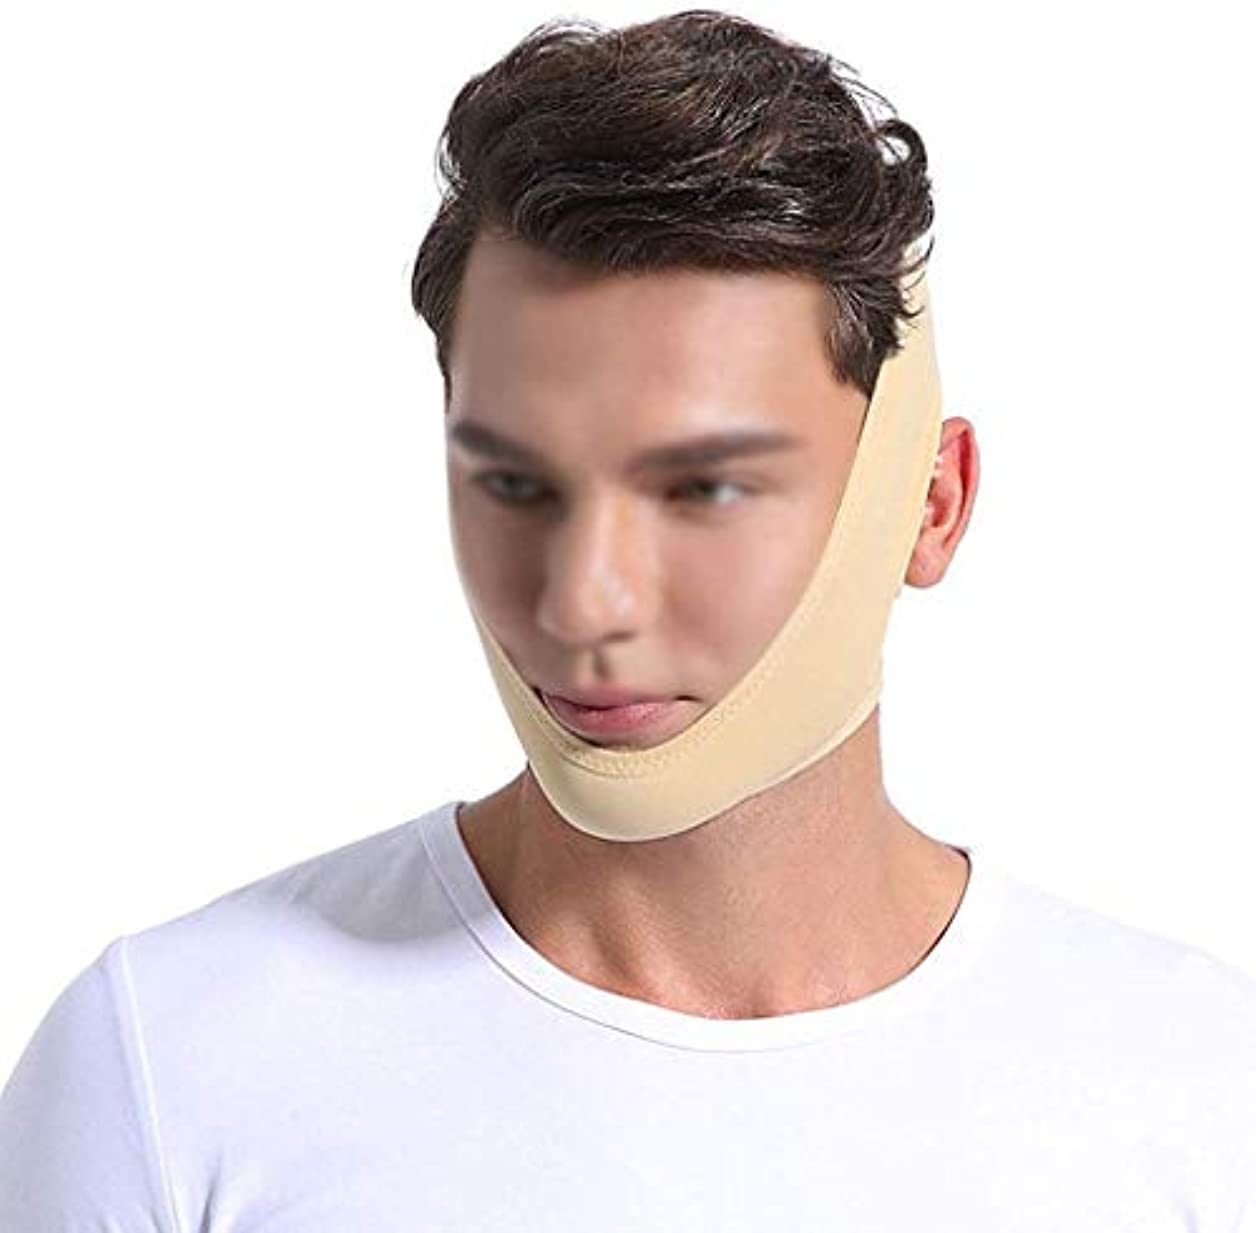 貪欲バンジージャンプ撃退する美容と実用的なフェイスリフティング包帯、フェイスマスキングリカバリーマスク男性と女性の顔の包帯フェイスリフティングアーティファクト